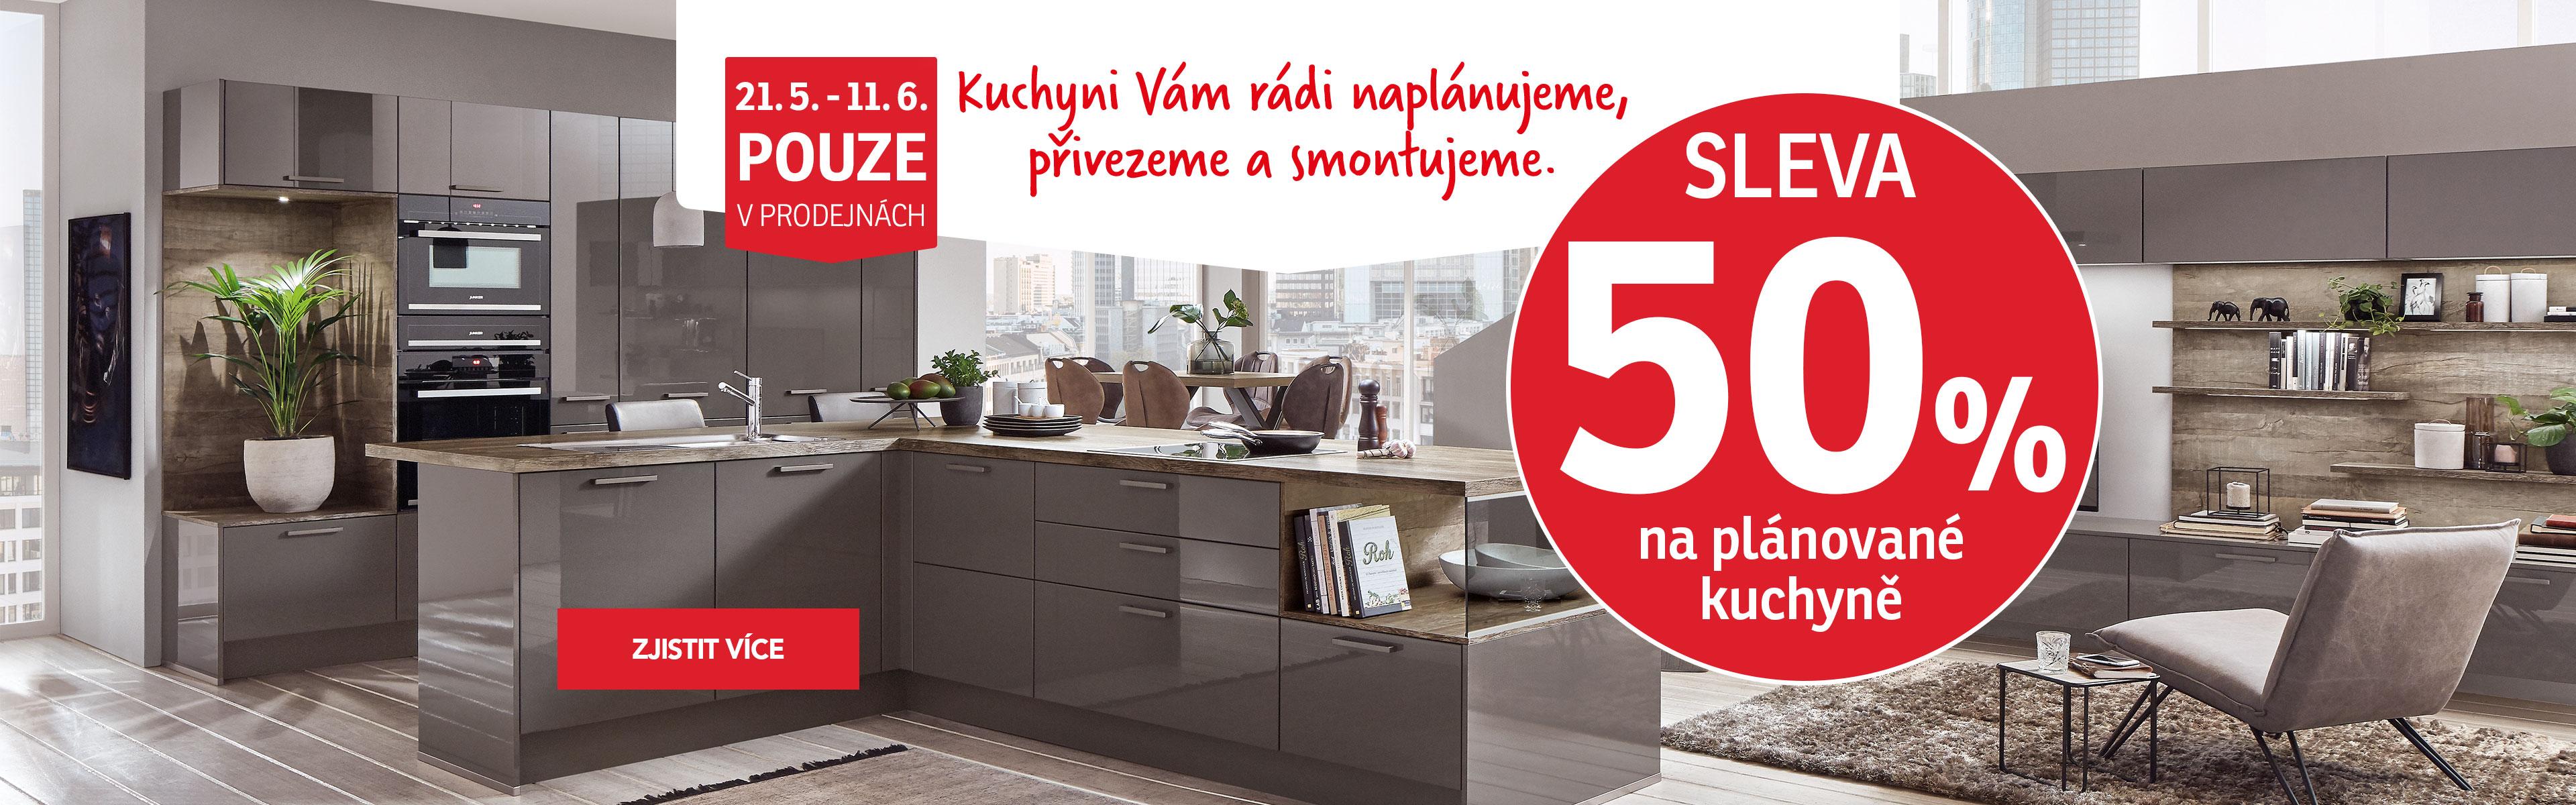 50% na kuchyně 21-11-6-2020